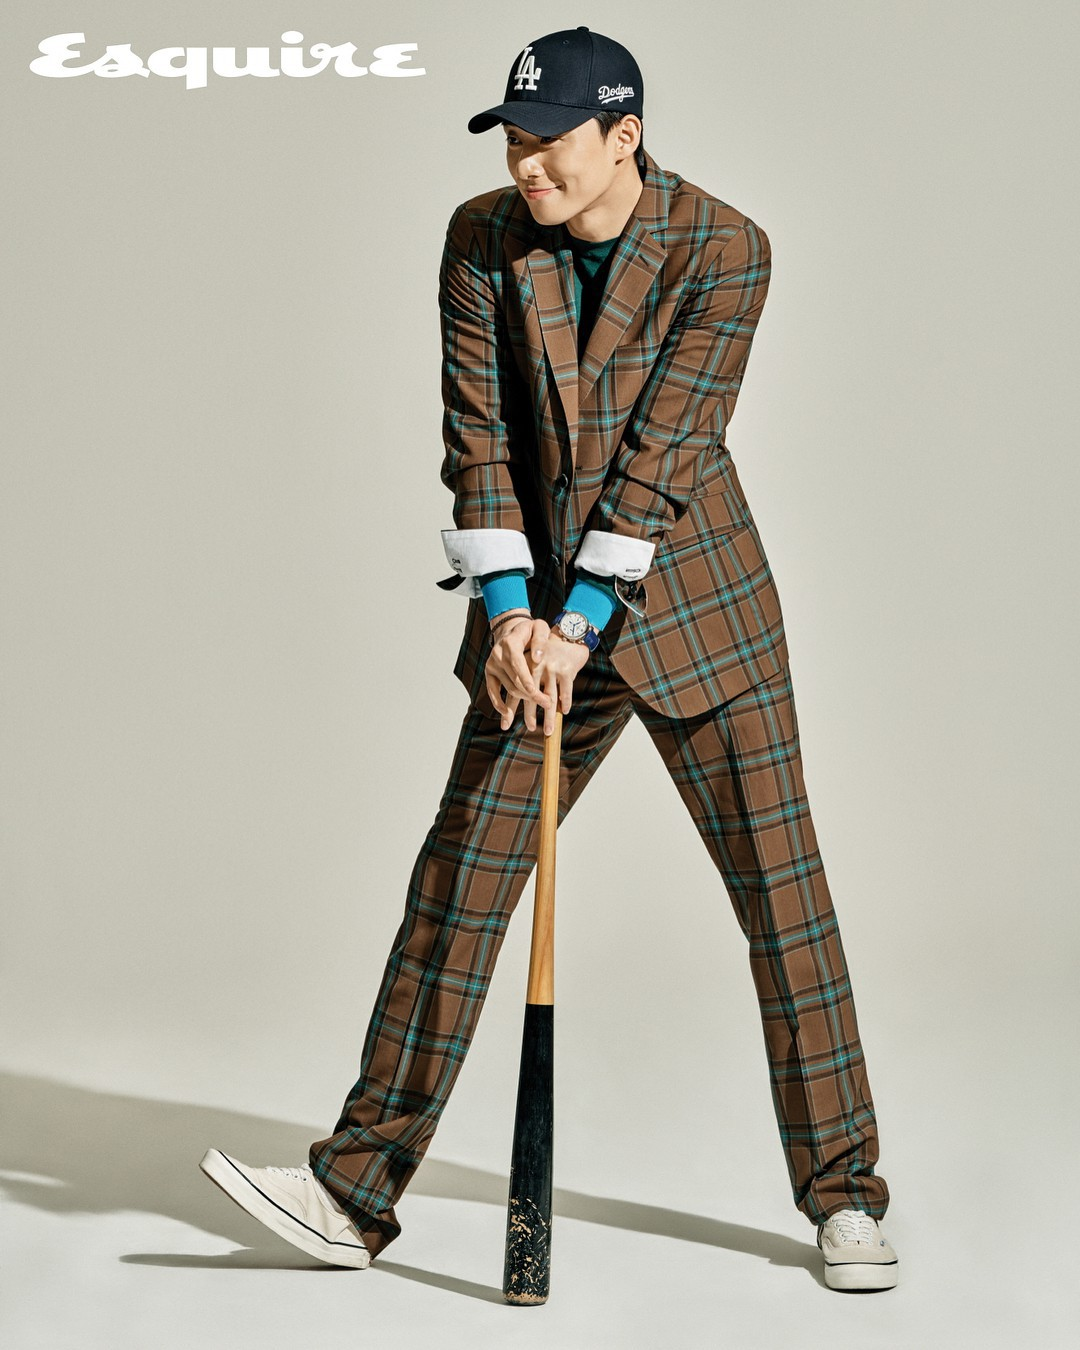 Park Seo Joon - nam thần không chỉ điển trai mà còn mặc đẹp từ phim đến đời thực - Ảnh 19.